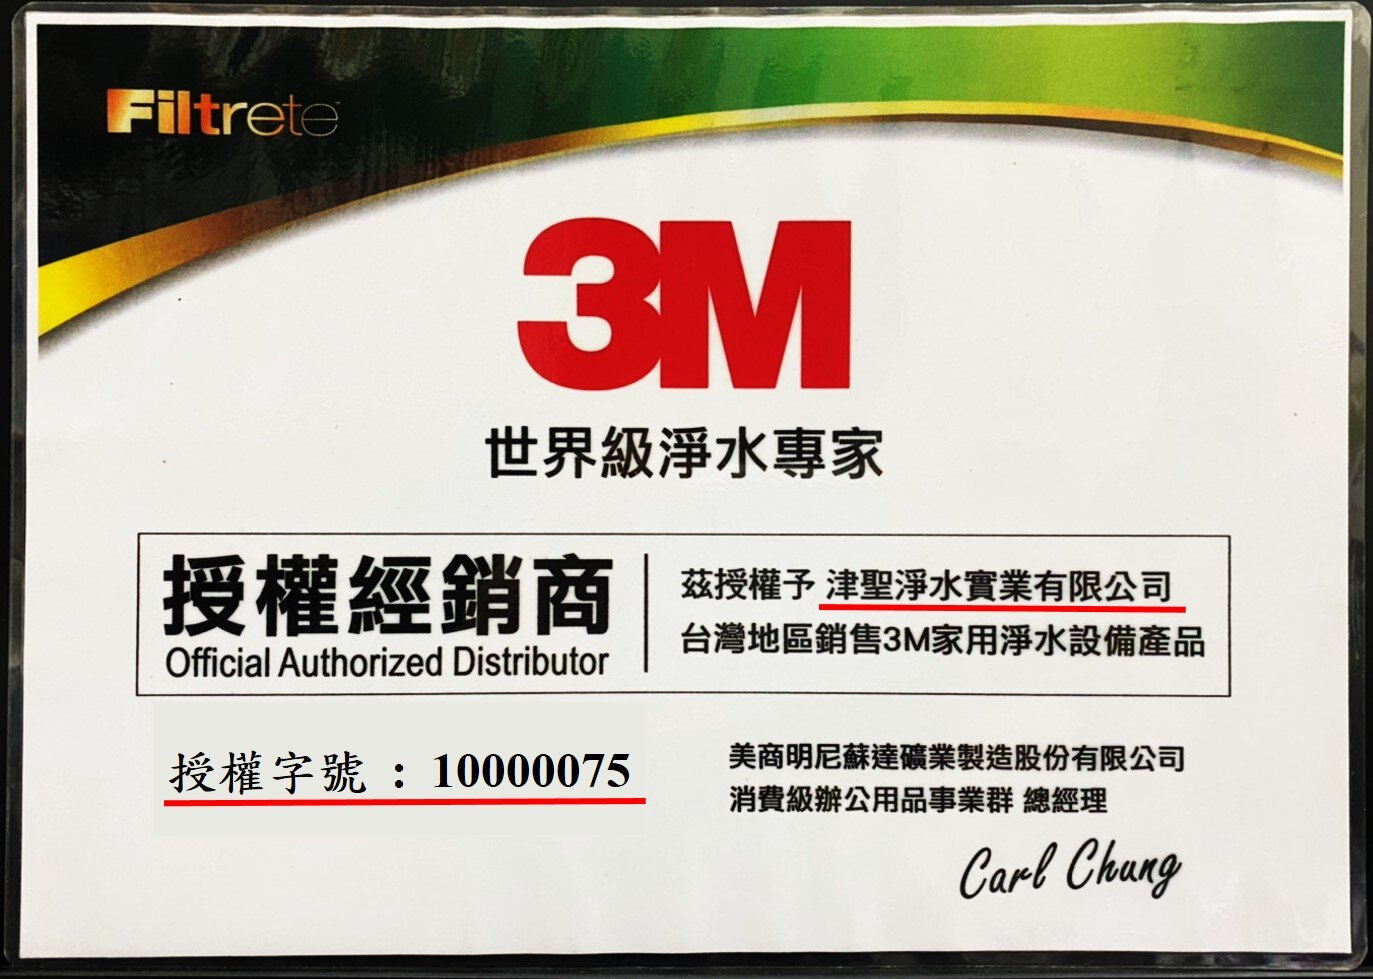 【津聖】3M L21 移動式過濾飲水機 【拜託 ! 懇請給小弟我一個服務的機會】【LINE ID: s099099】